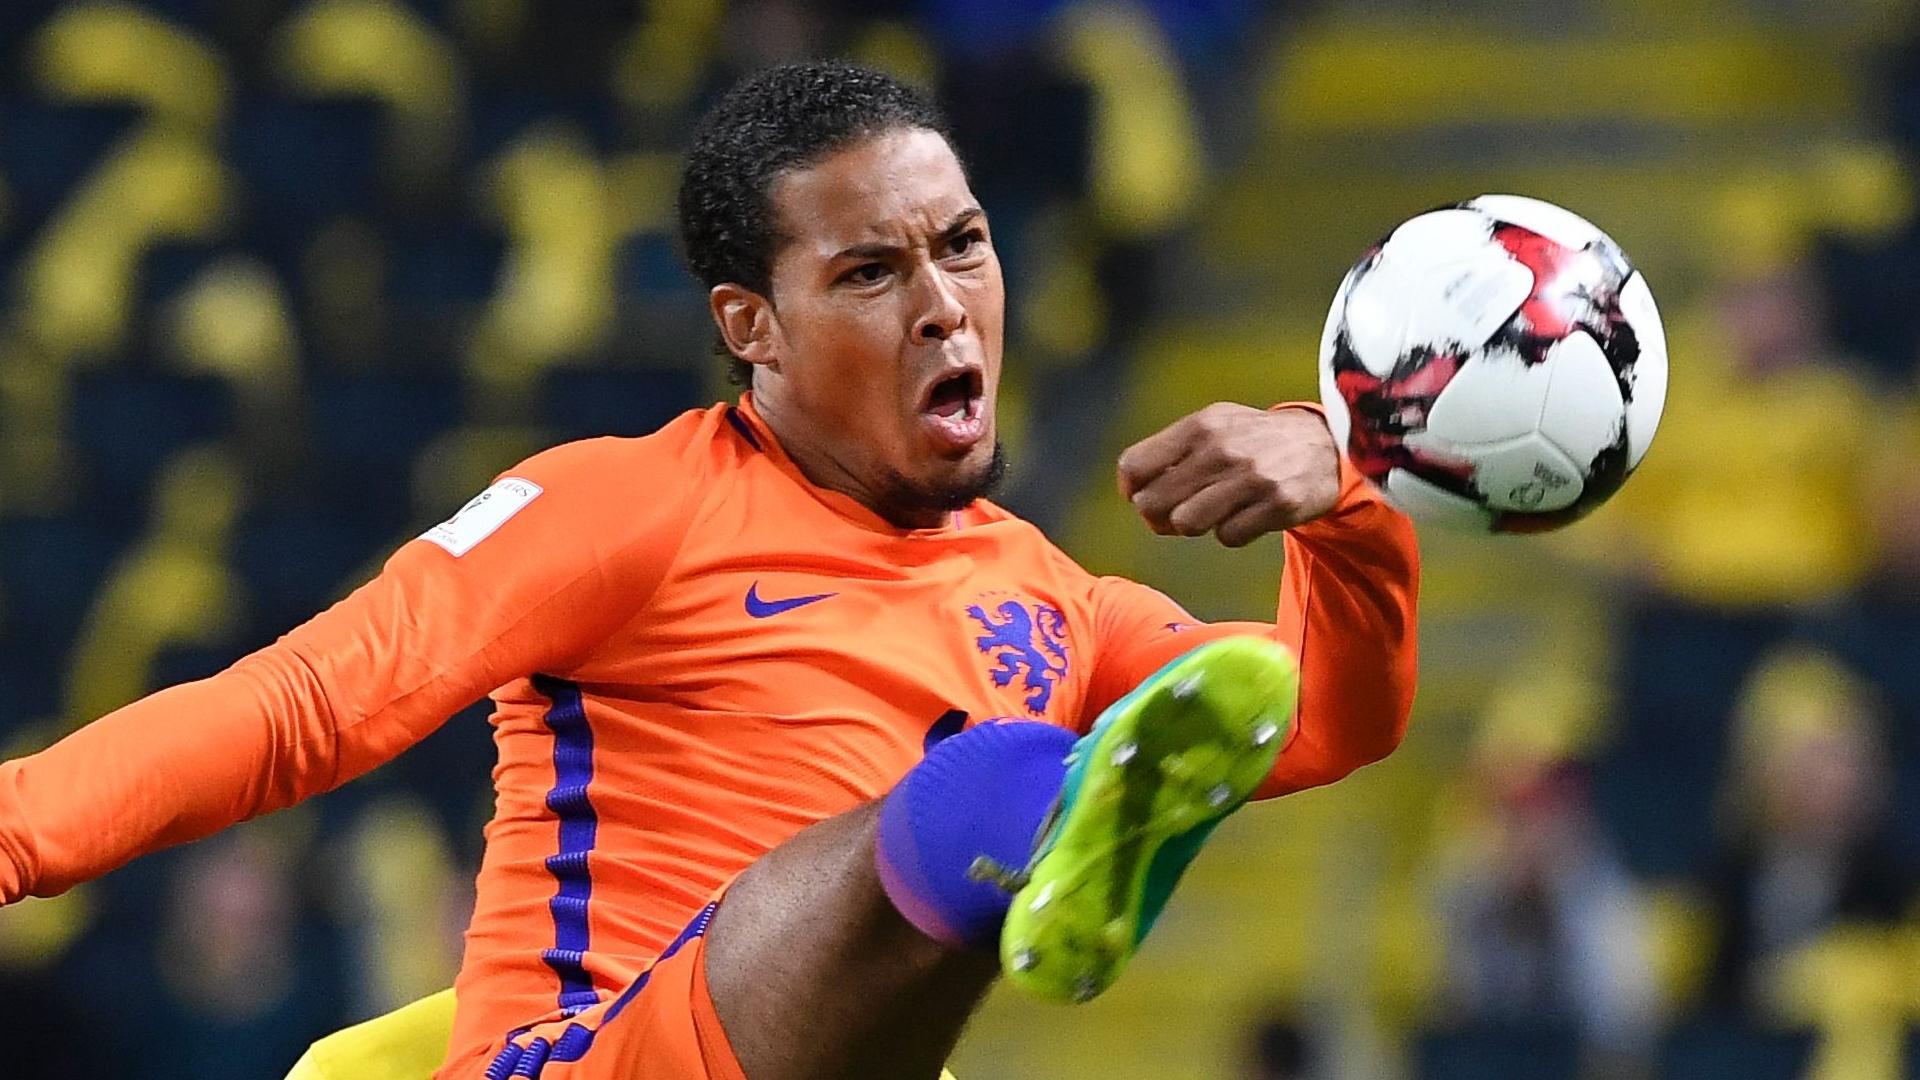 Virgil van Dijk, Netherlands